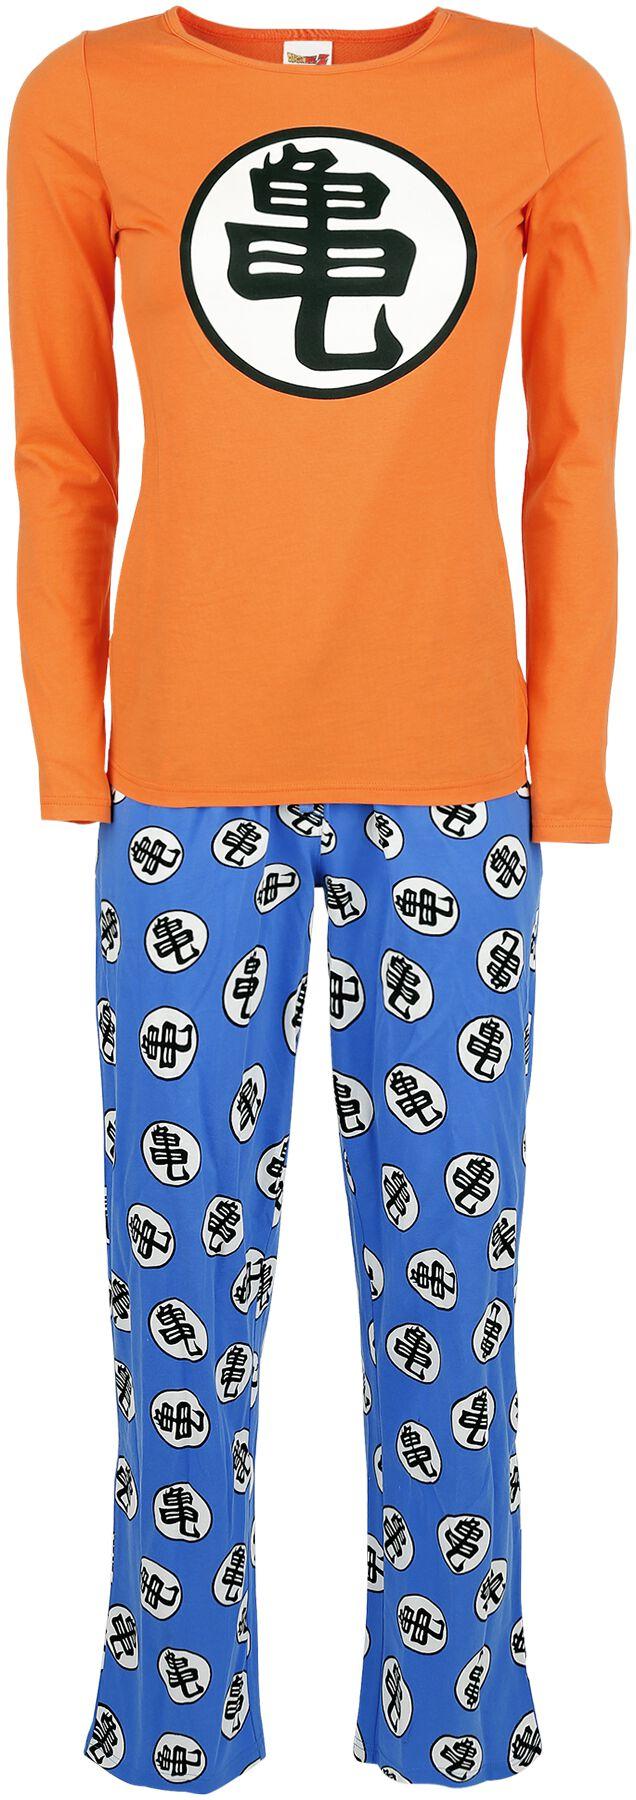 Merch dla Fanów - Do sypialni - Pidżama Dragon Ball Z - Kame Pidżama pomarańczowy/niebieski - 327292